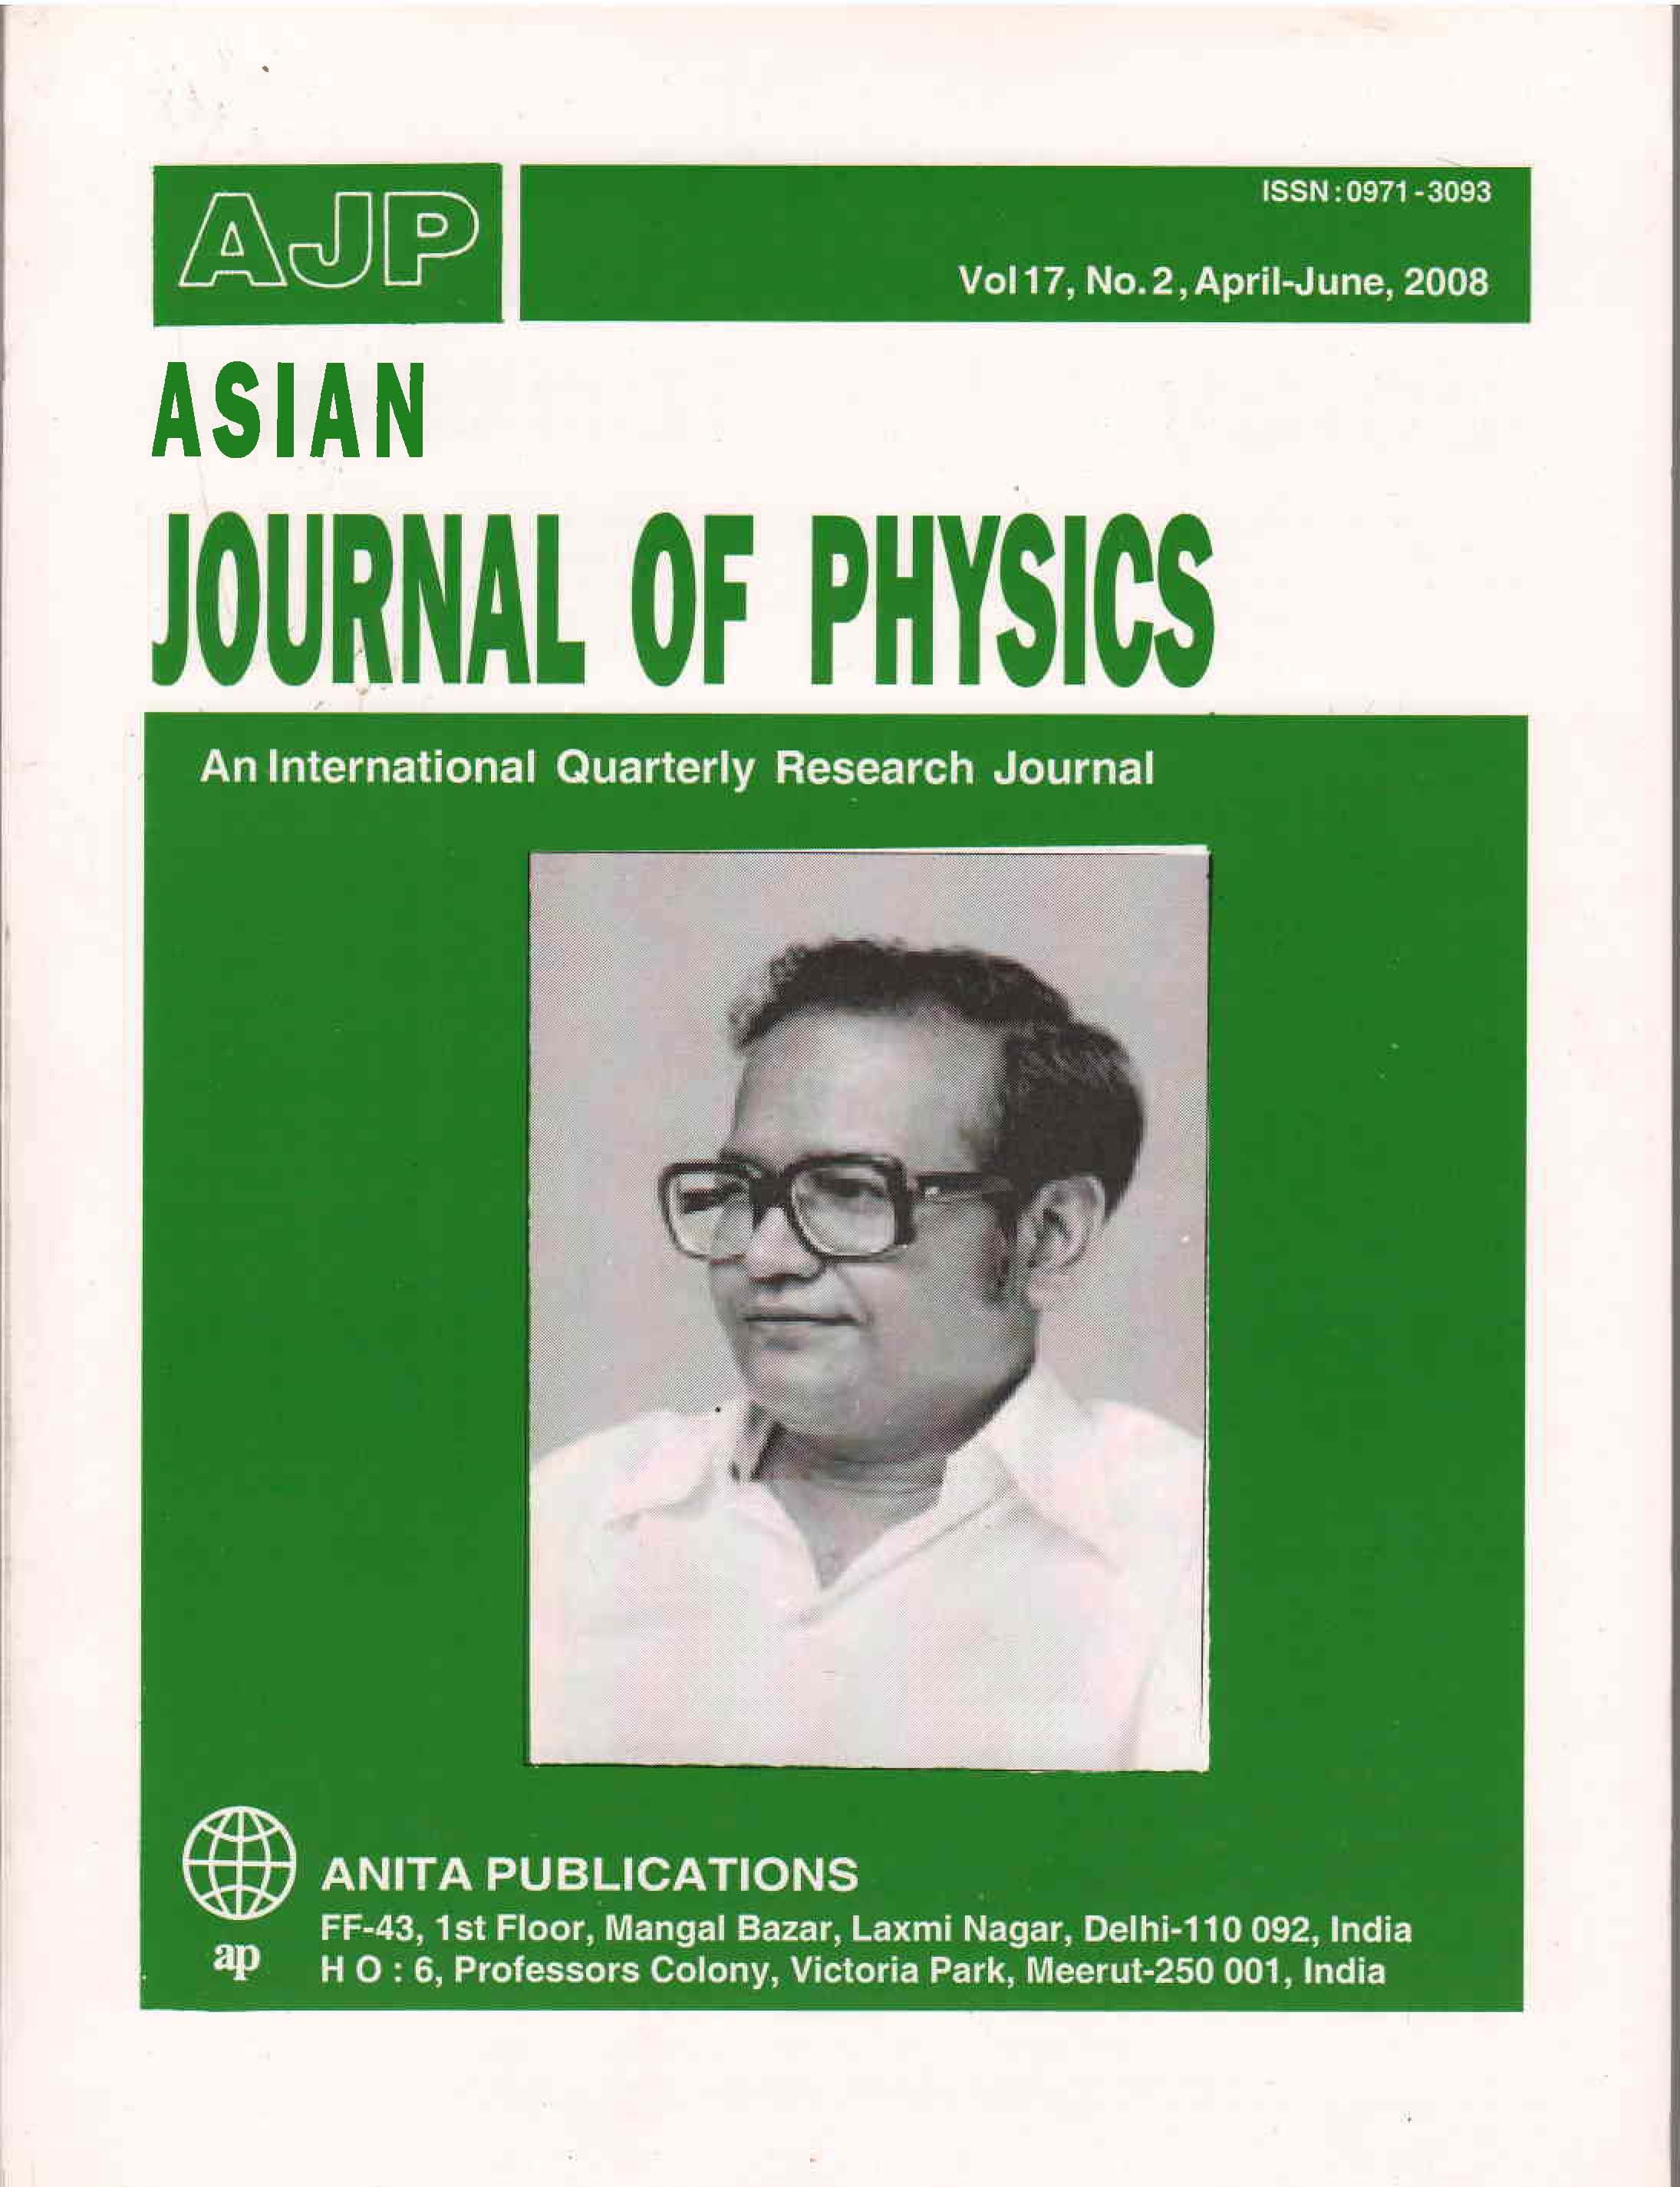 AJP Vol 17 No 2, 2008